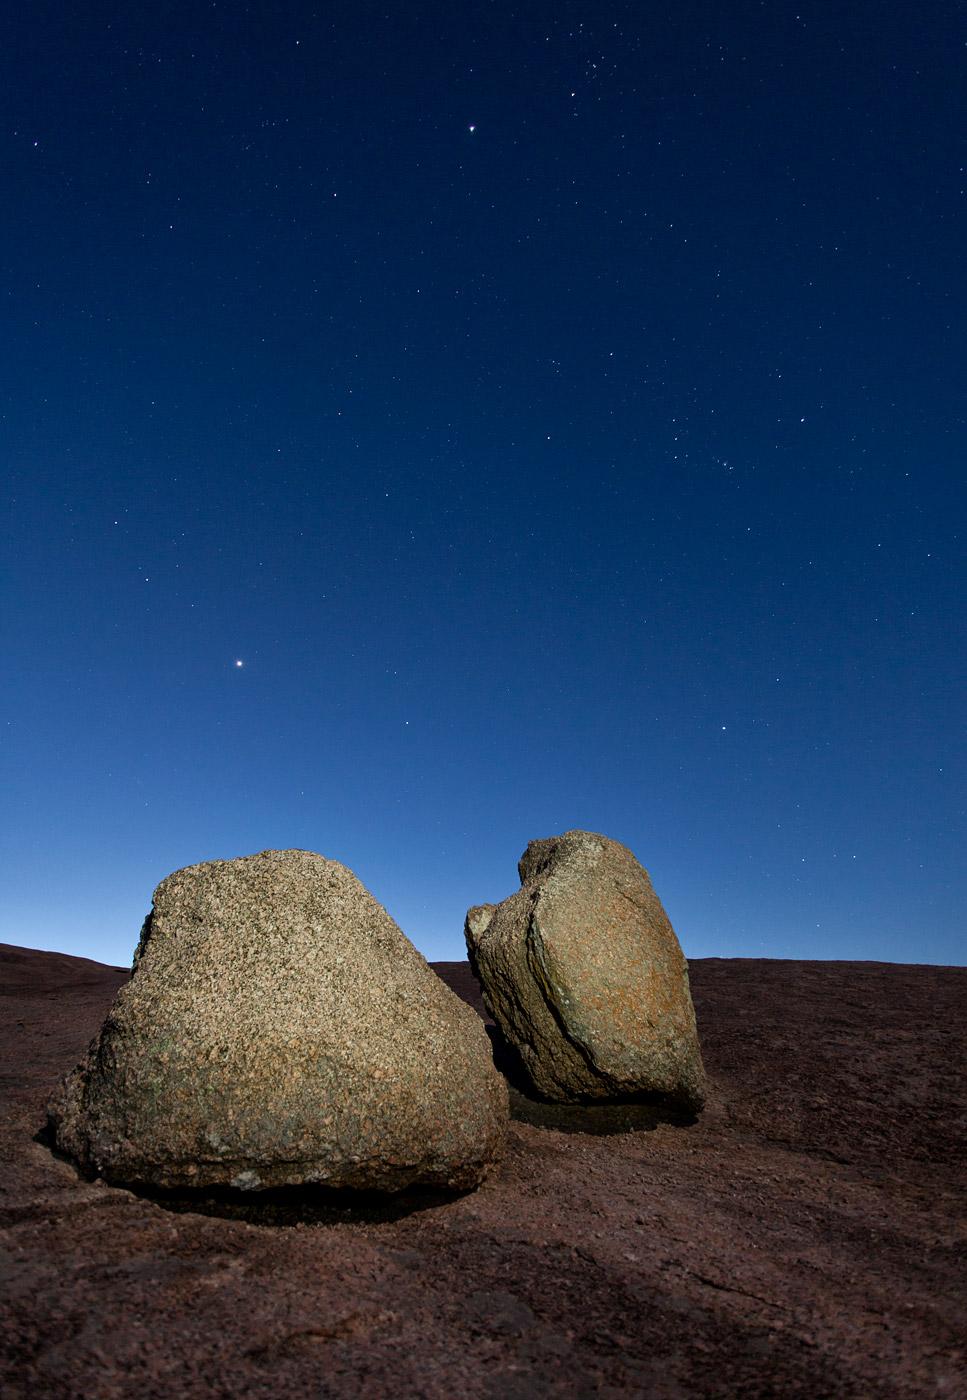 Enchanted-Rock-ABP-Boulders-Stars2.jpg